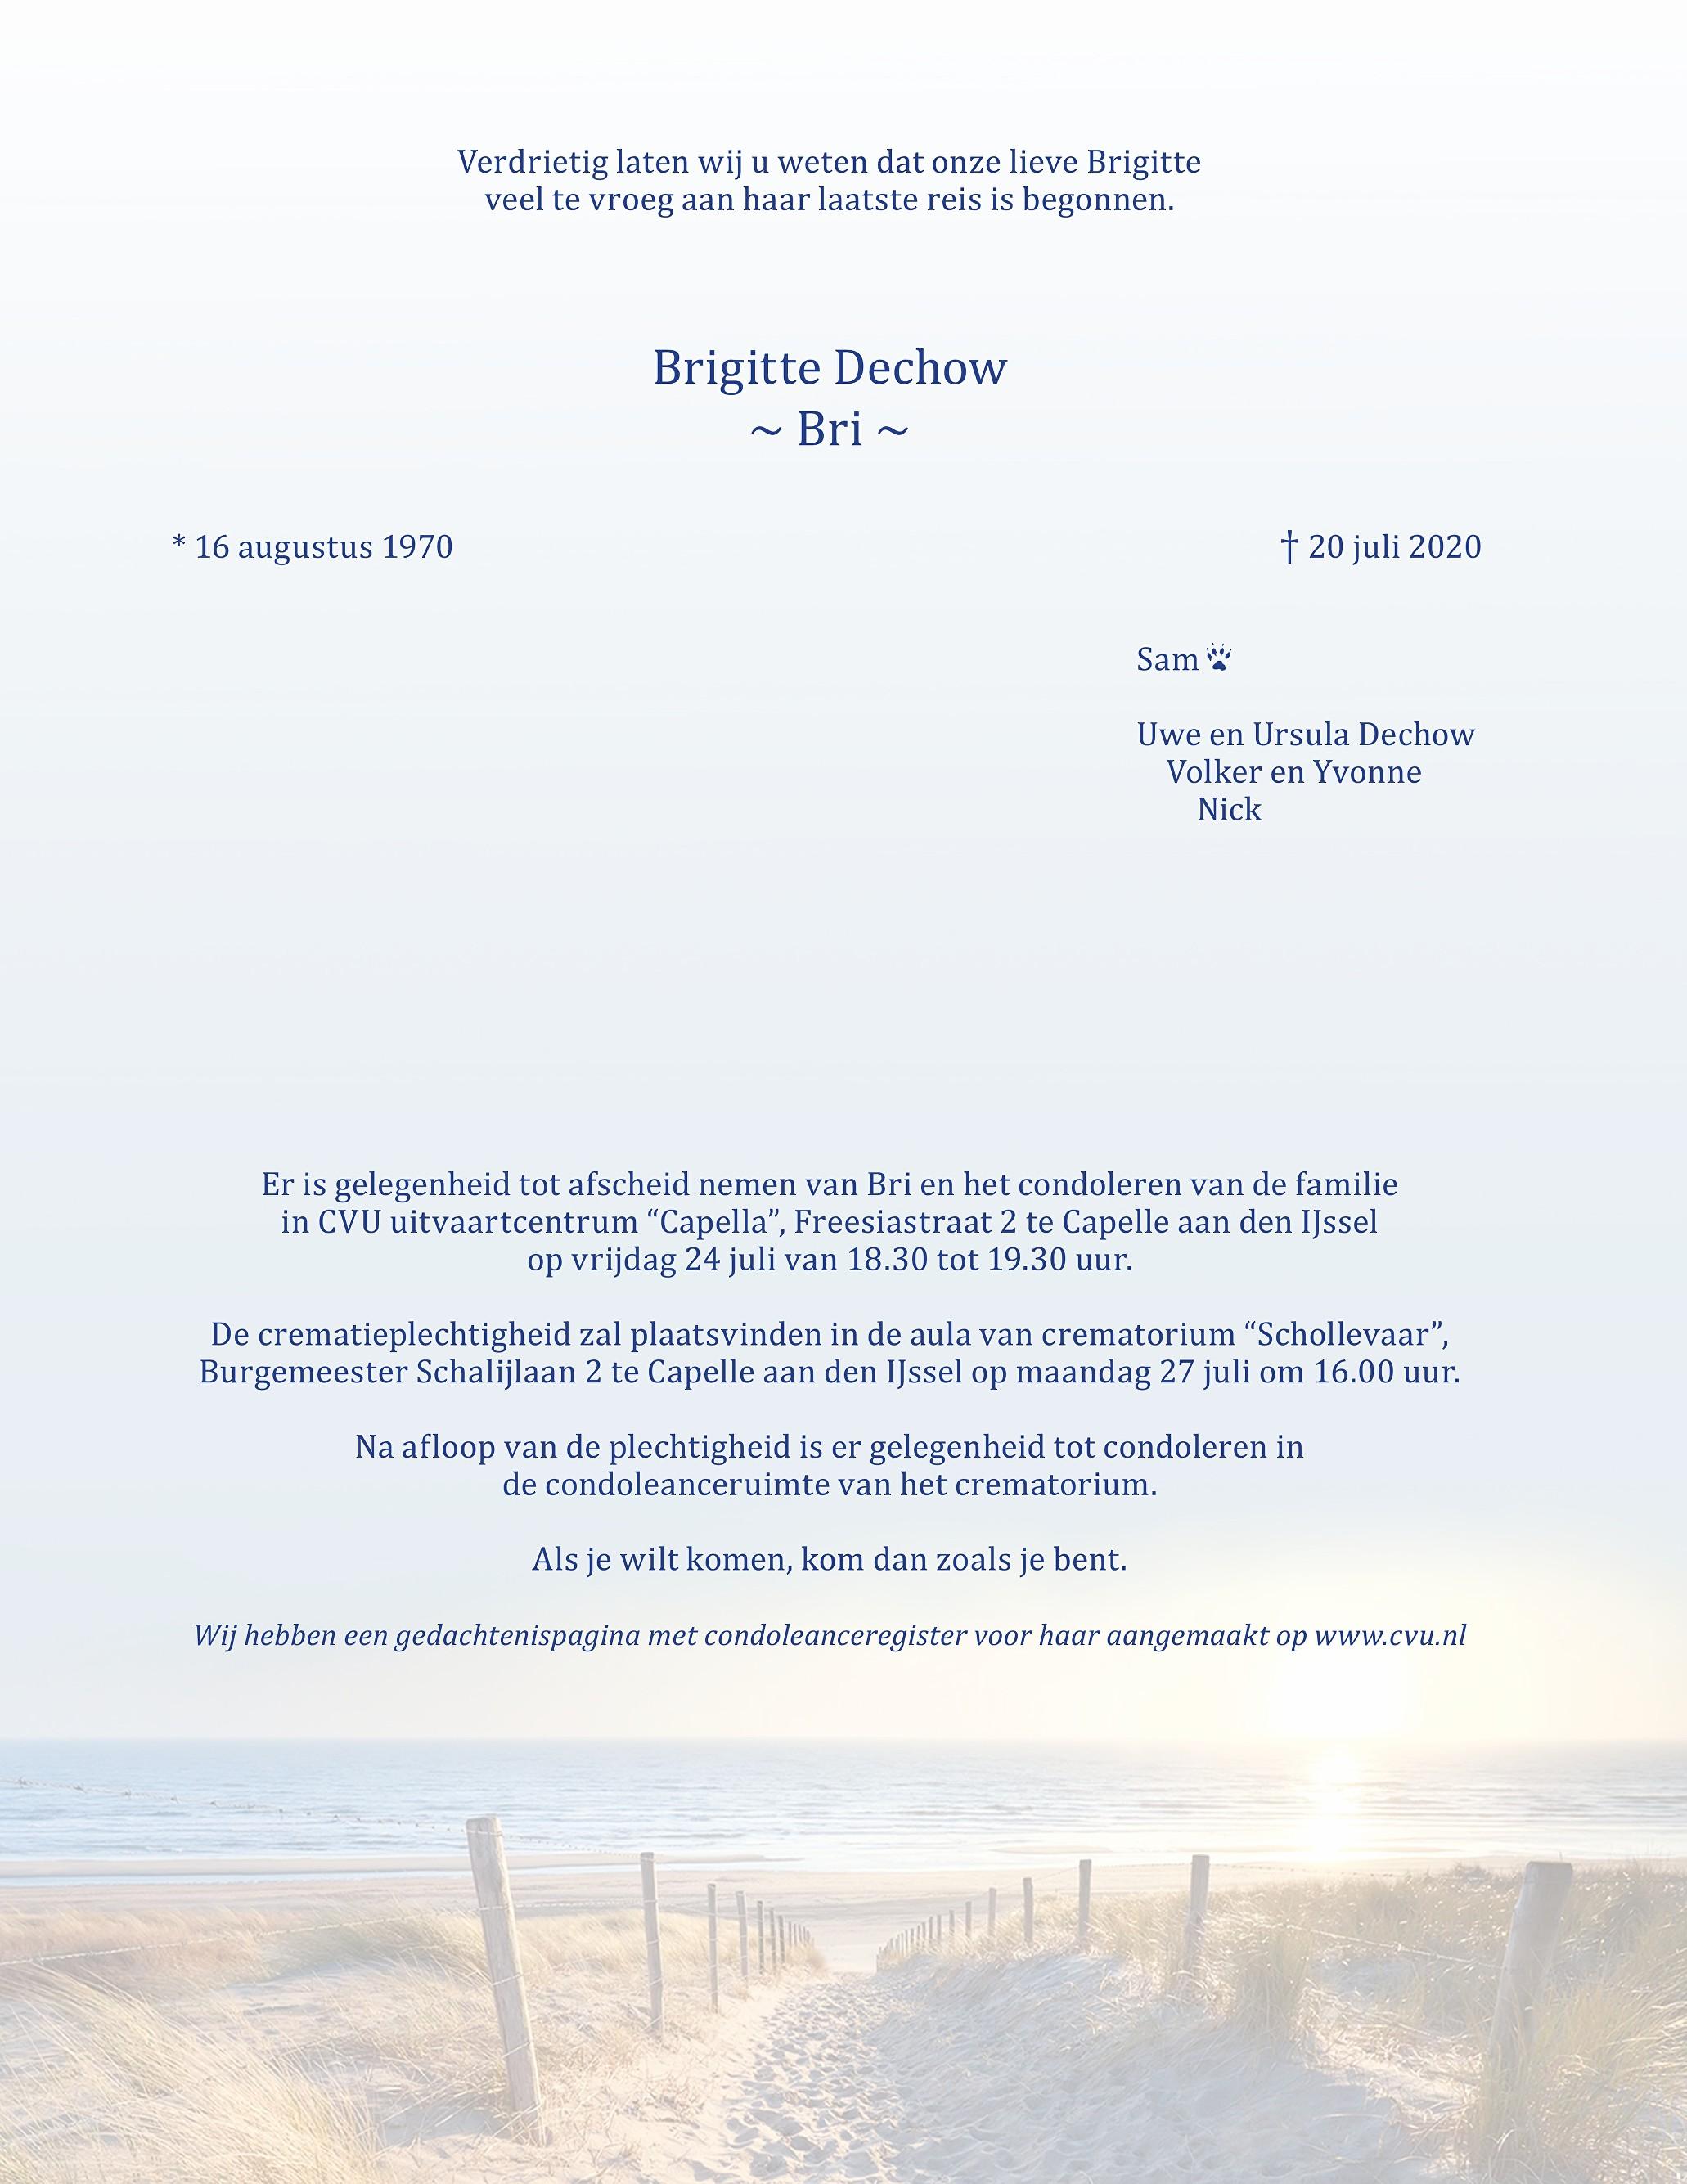 Brigitte Dechow Death notice